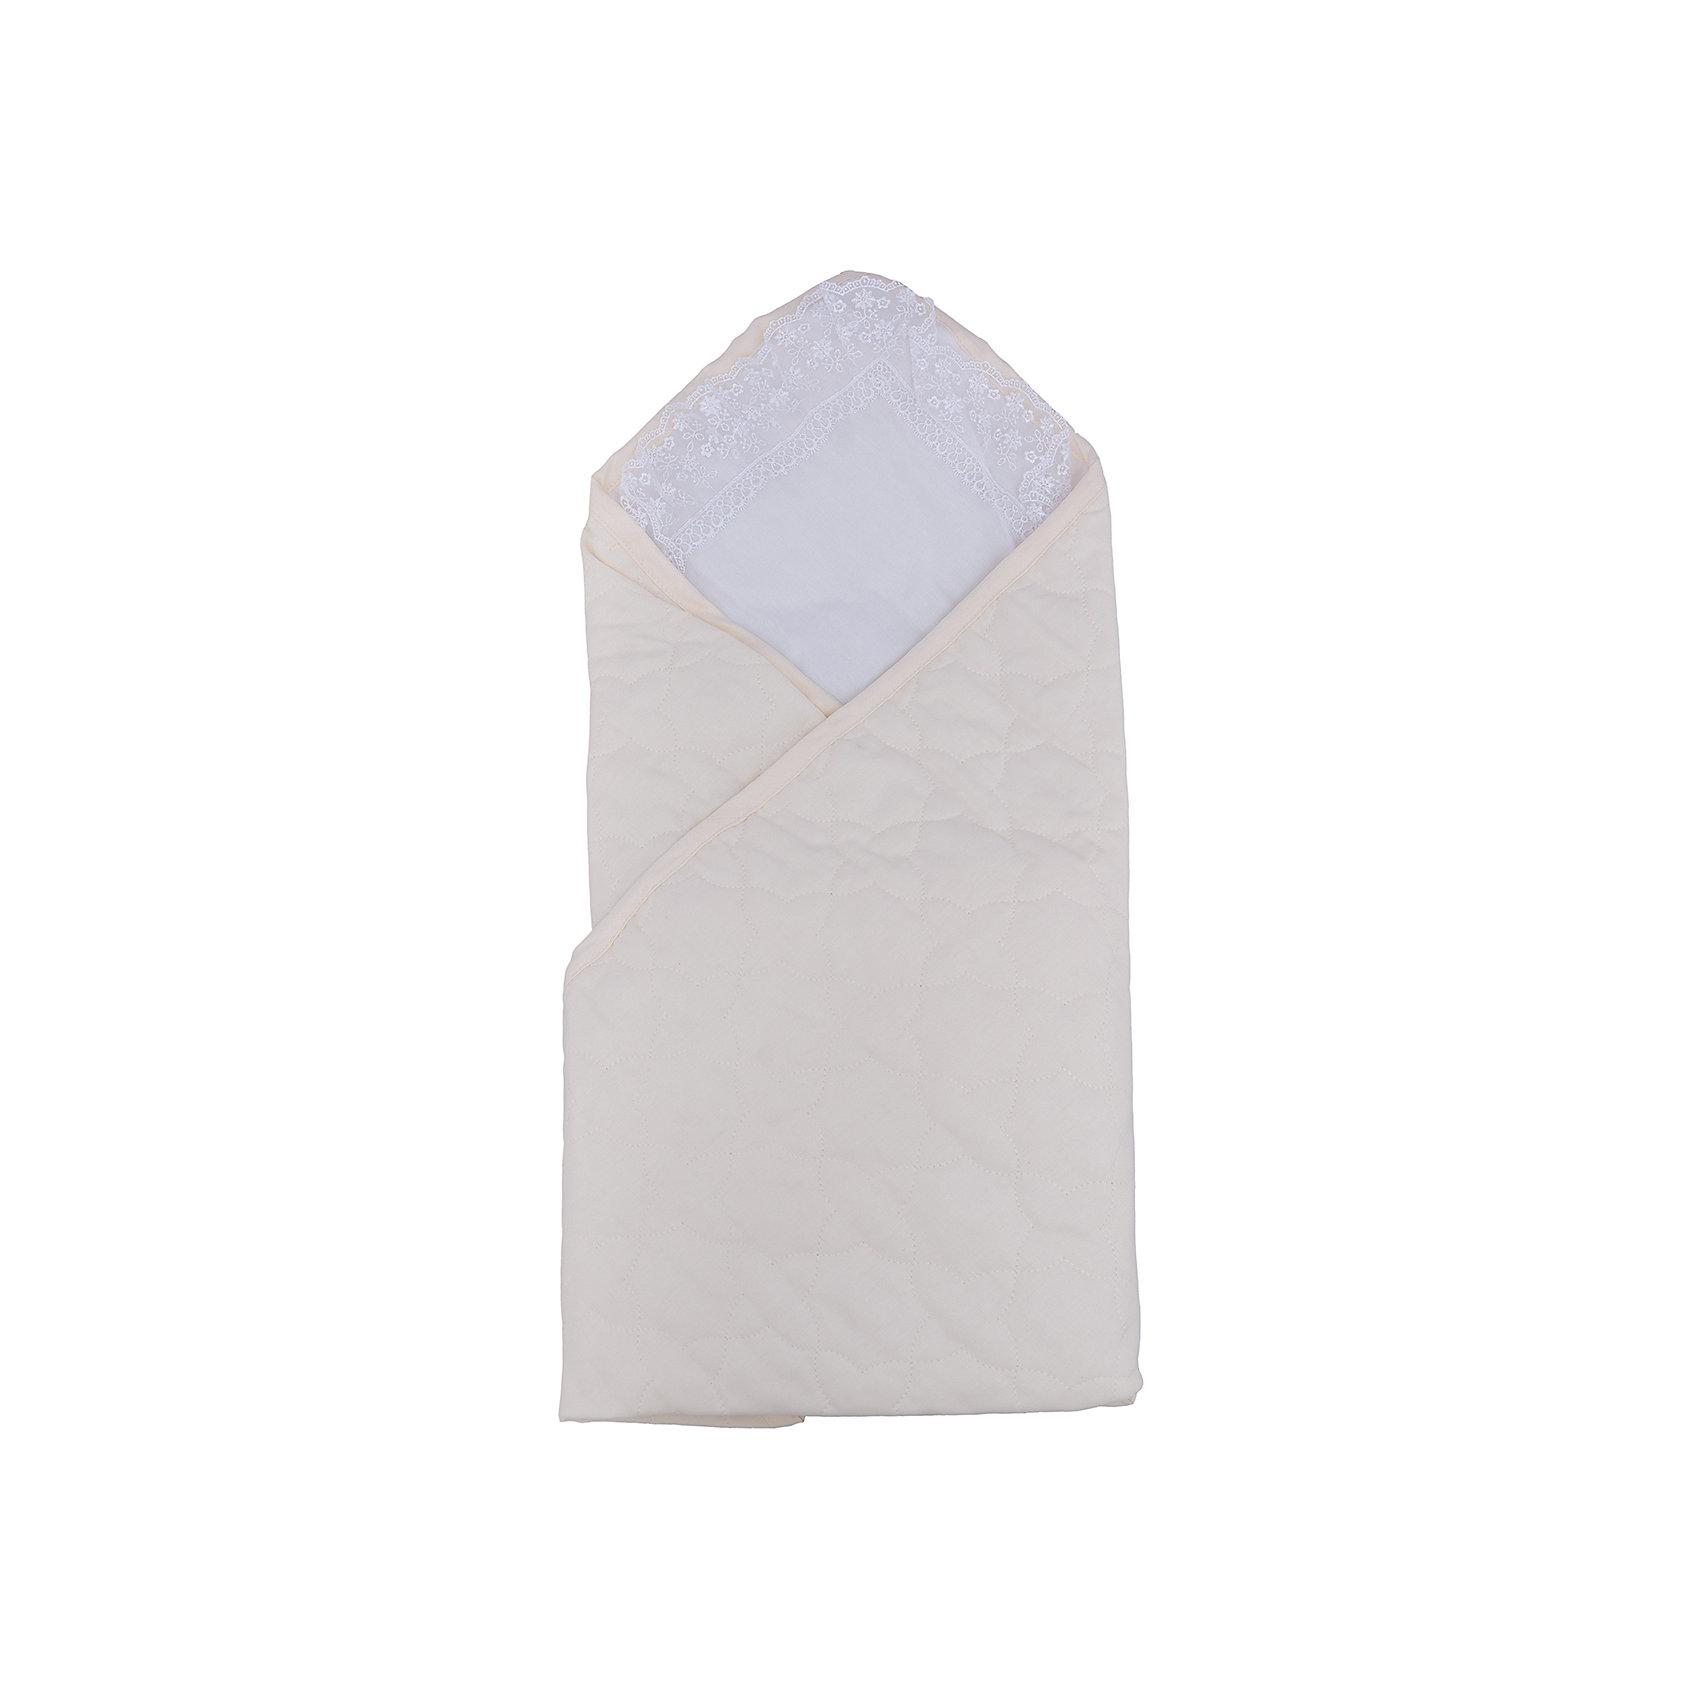 Конверт-одеяло на выписку Ласточка Сонный гномик, бежевыйВерхняя ткань-сатин, 100% хлопок! Отделка великолепным кружевом<br>Легкая мембрана из синтепона 100.<br>размер как одеяло 90*90<br>Температурный режим, °С: От +15 до +25<br><br>Конверт-одеяло на выписку Ласточка Сонный гномик, бежевый можно купить в нашем магазине.<br><br>Ширина мм: 390<br>Глубина мм: 50<br>Высота мм: 700<br>Вес г: 400<br>Возраст от месяцев: 0<br>Возраст до месяцев: 72<br>Пол: Унисекс<br>Возраст: Детский<br>SKU: 4122092